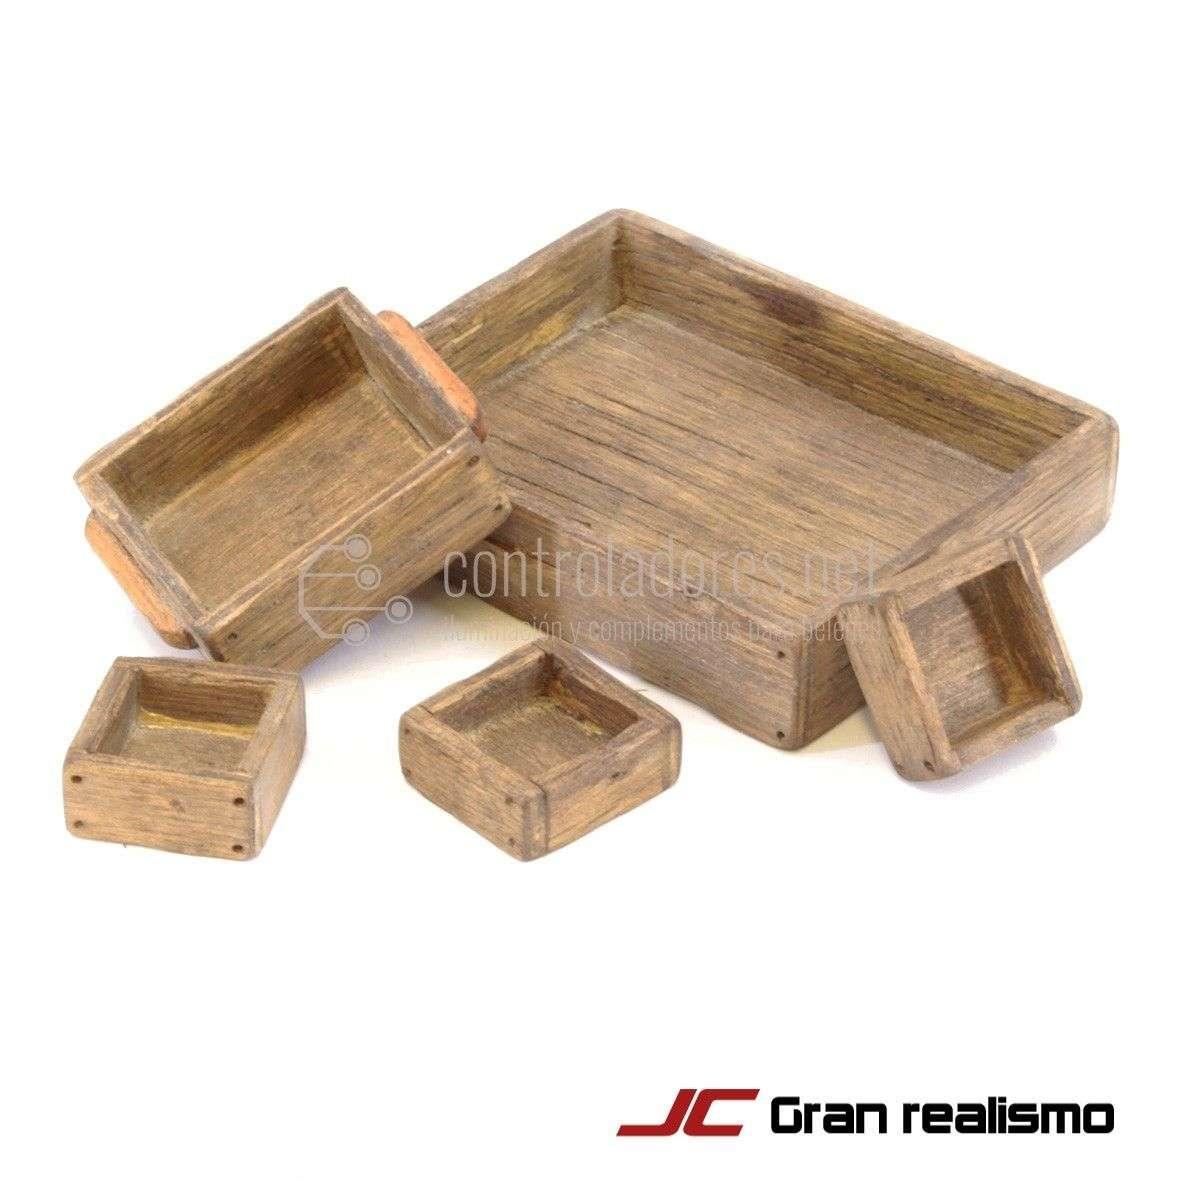 Juego de 5 cajas de madera